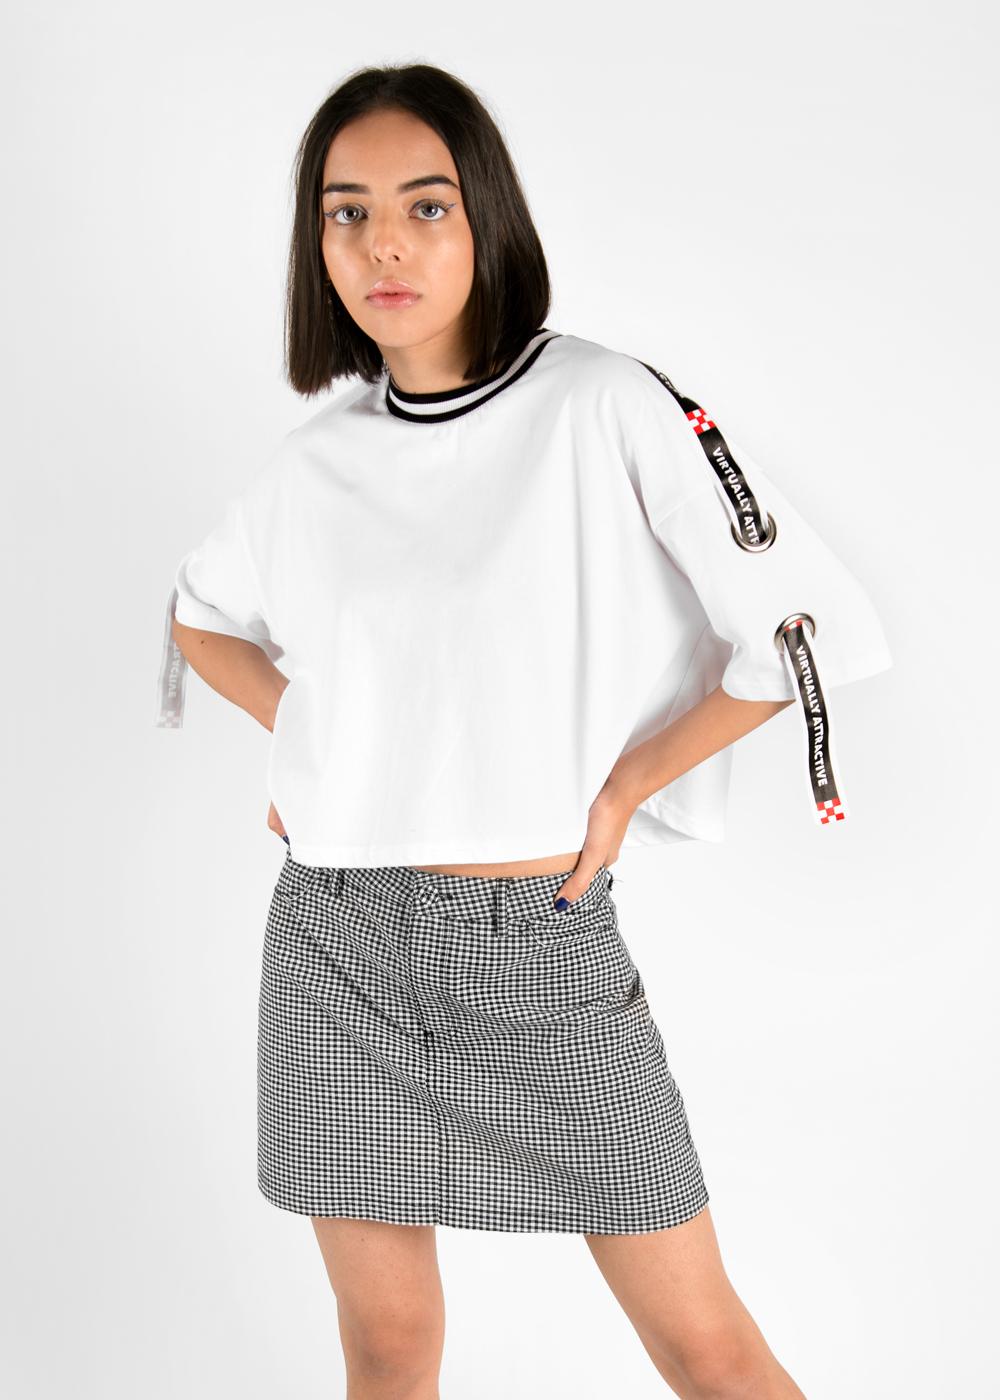 Wo_tapeTshirt